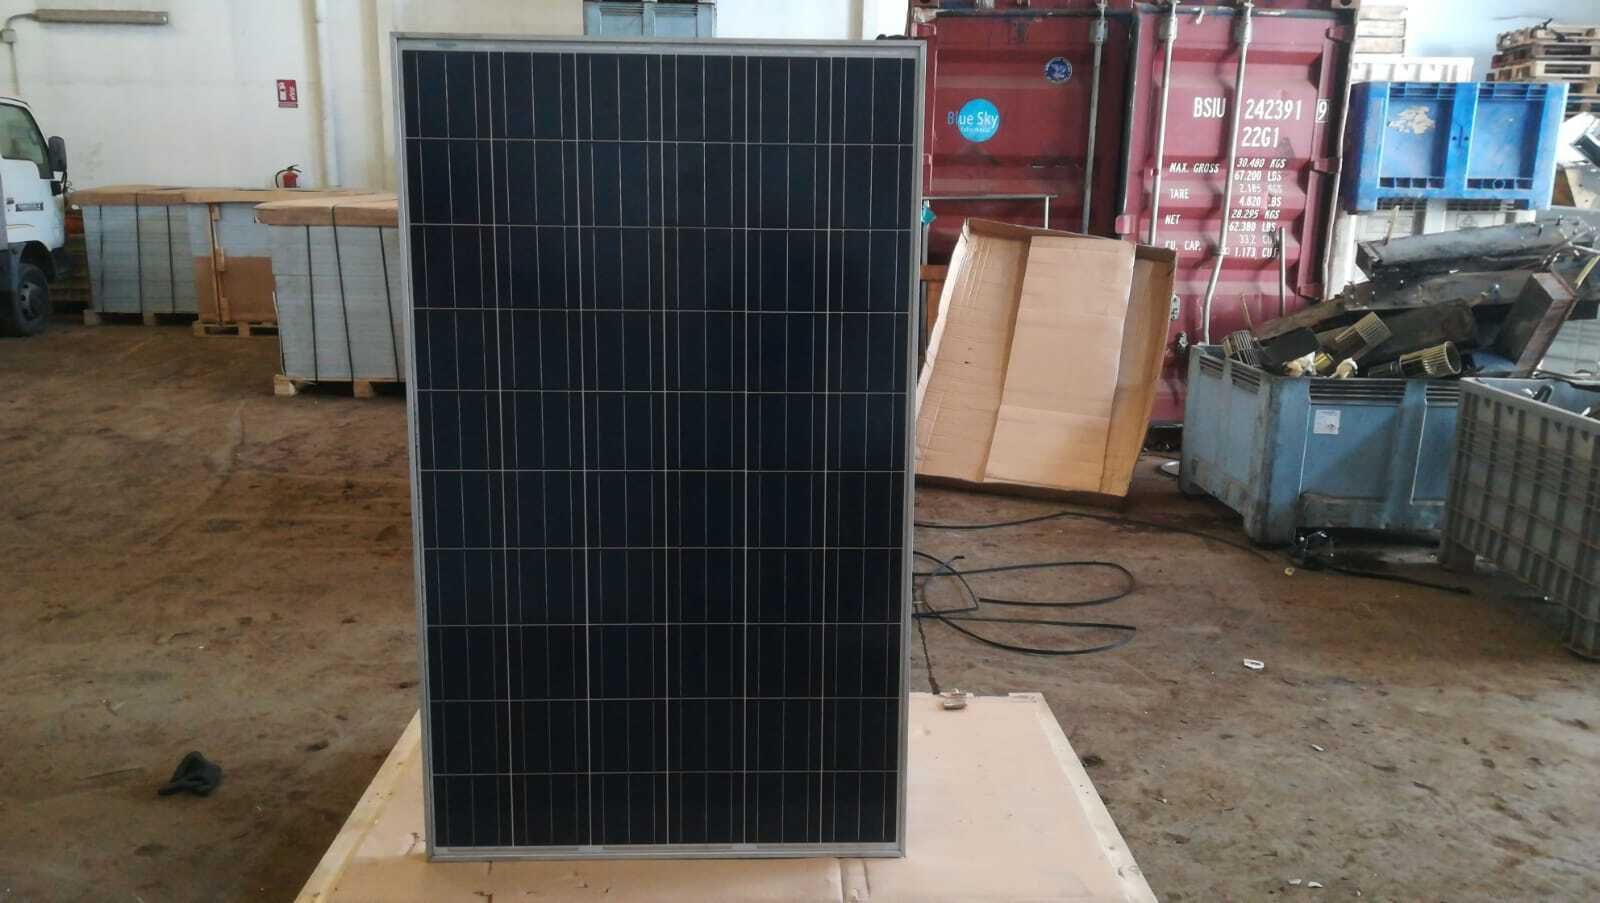 Los mit 10 Photovoltaikmodulen der Marke Axitec. L7